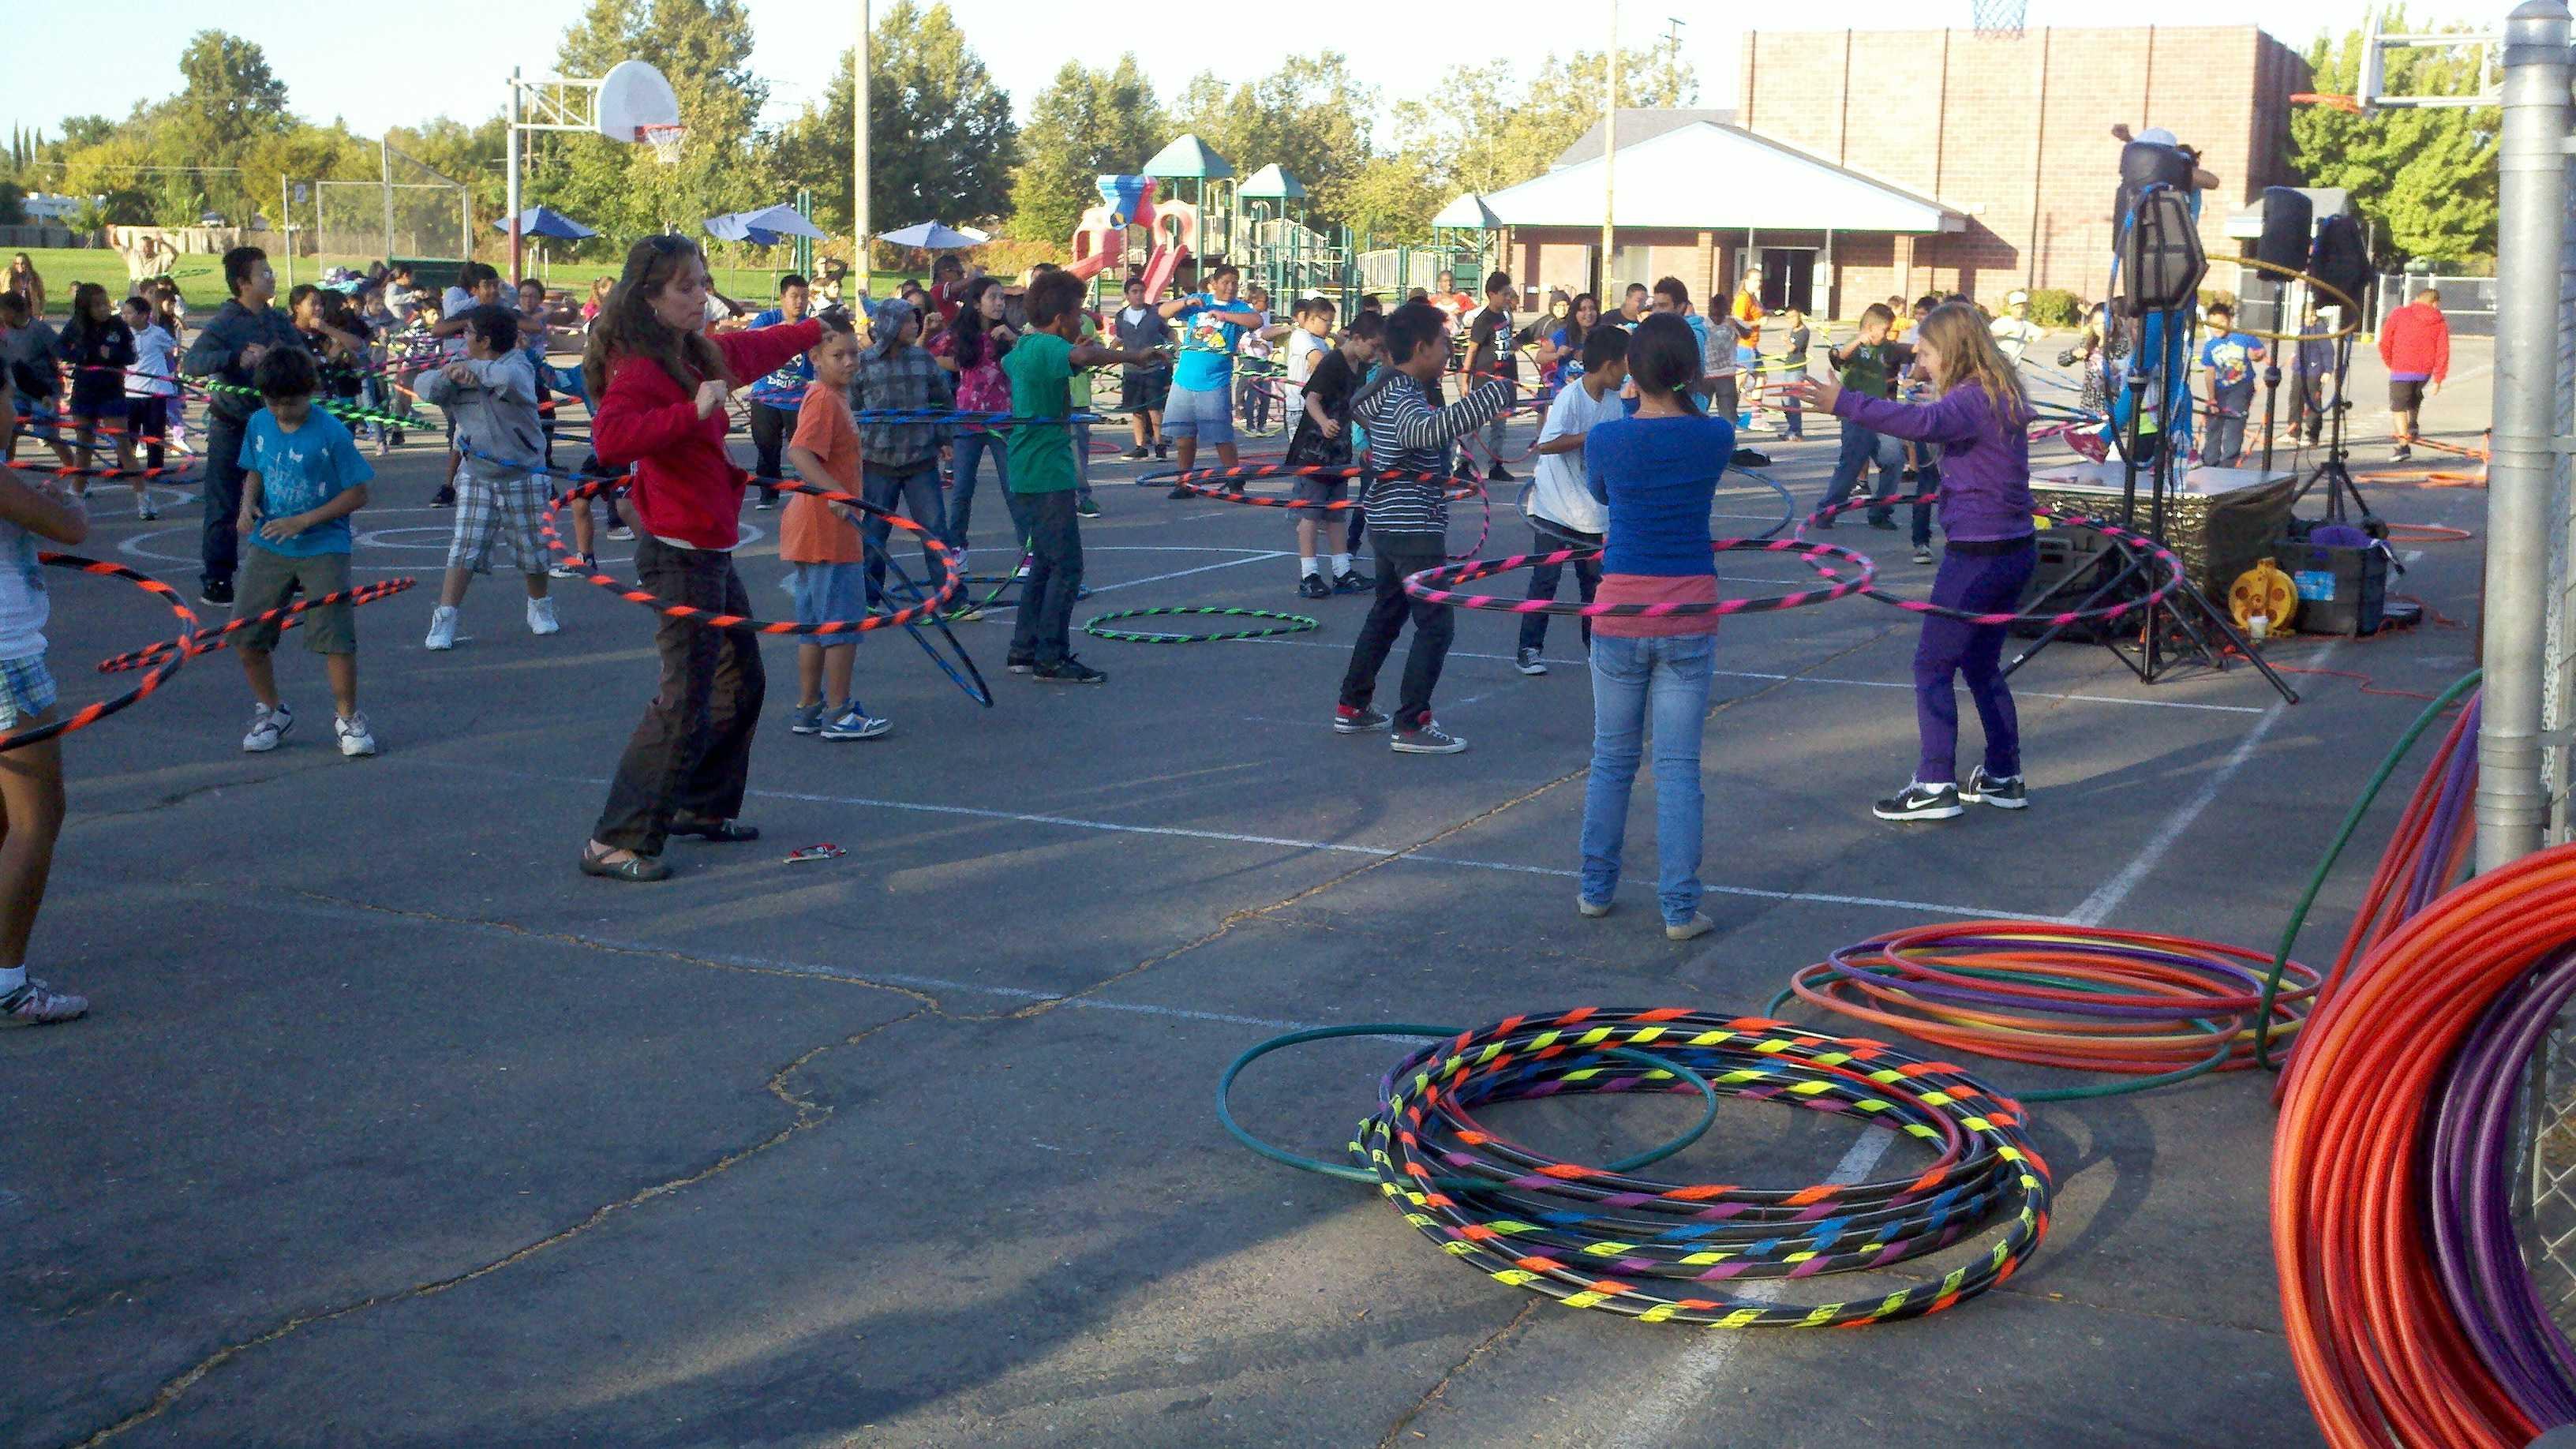 Hula hooping at Florin elementary